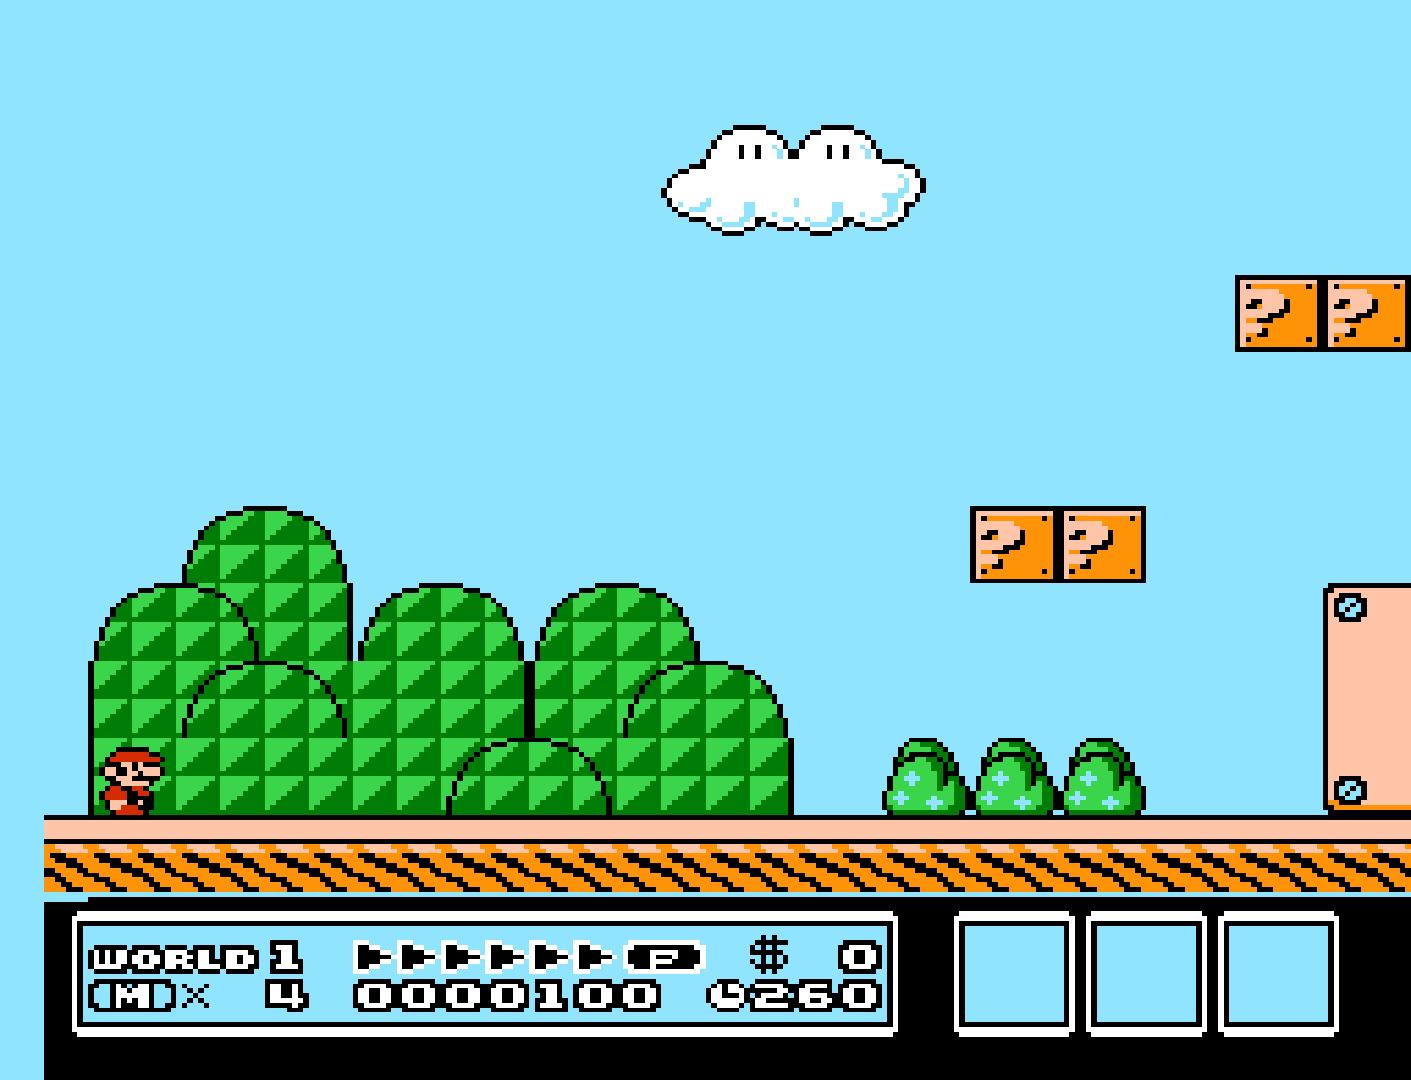 Nintendo - NES / Famicom (Nestopia UE) - Libretro Docs